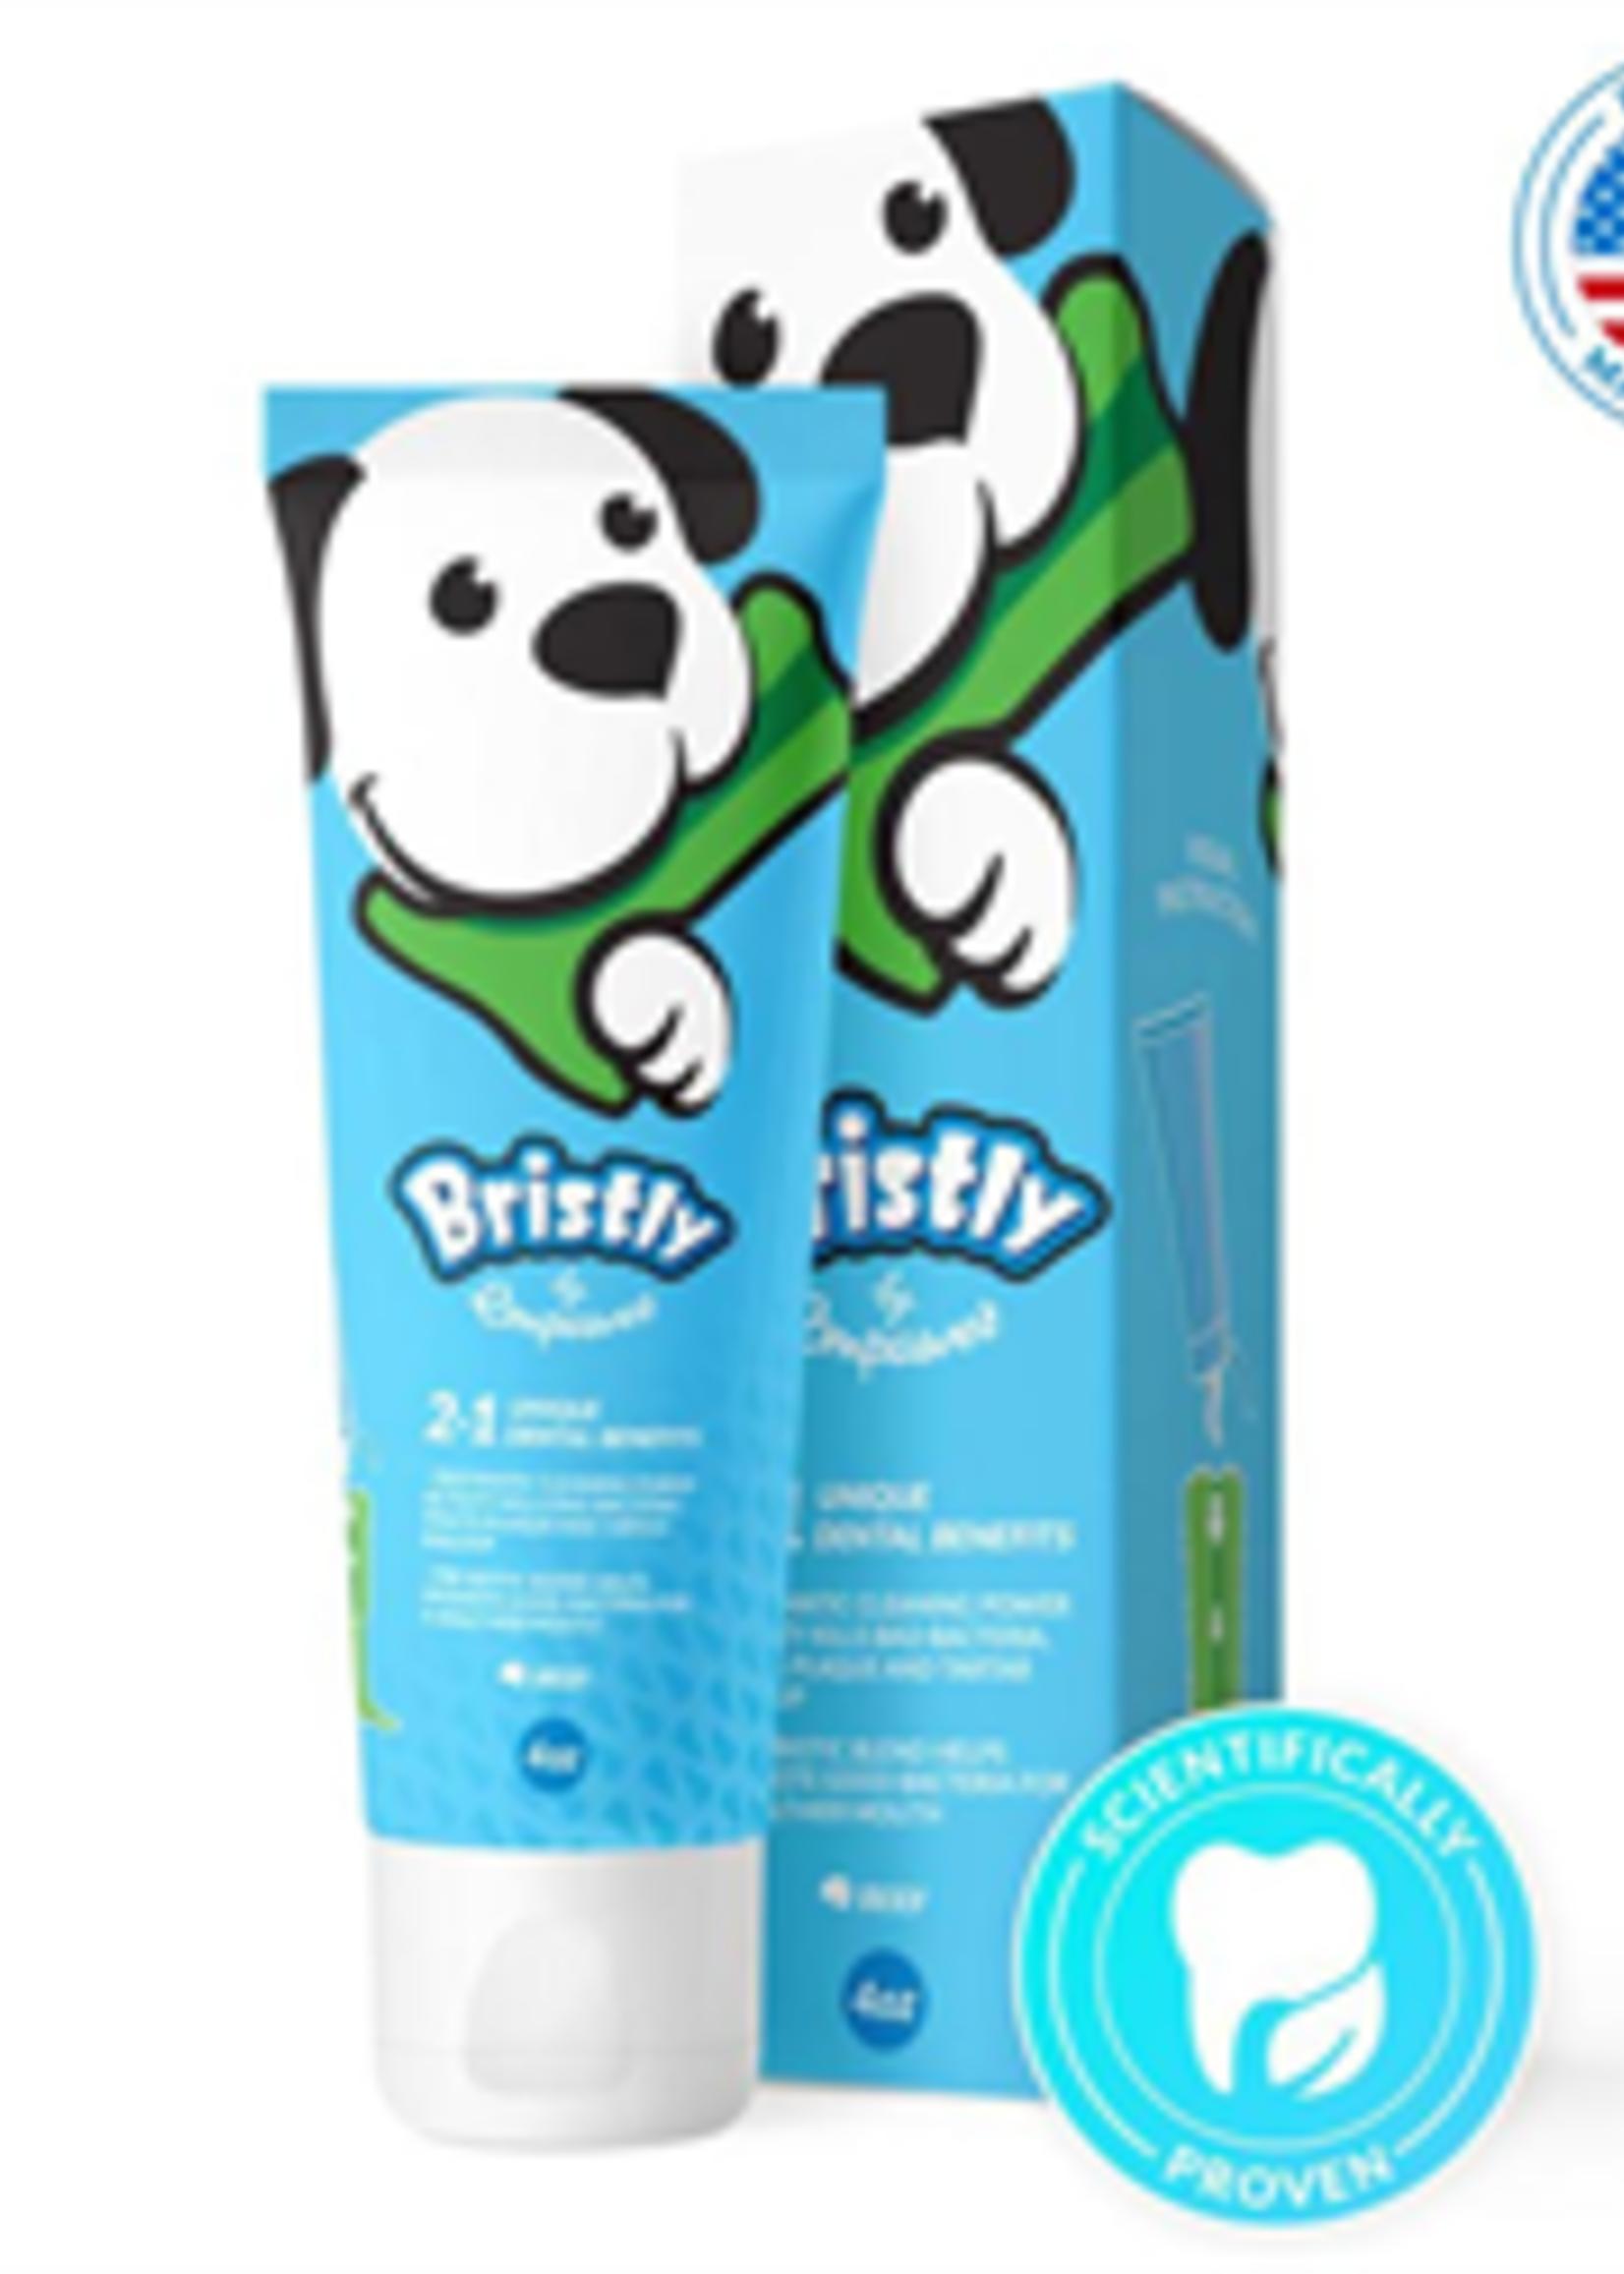 Bristly™ Bristly Pre-Biotic Enzymatic Toothpaste Beef Flavor 4oz